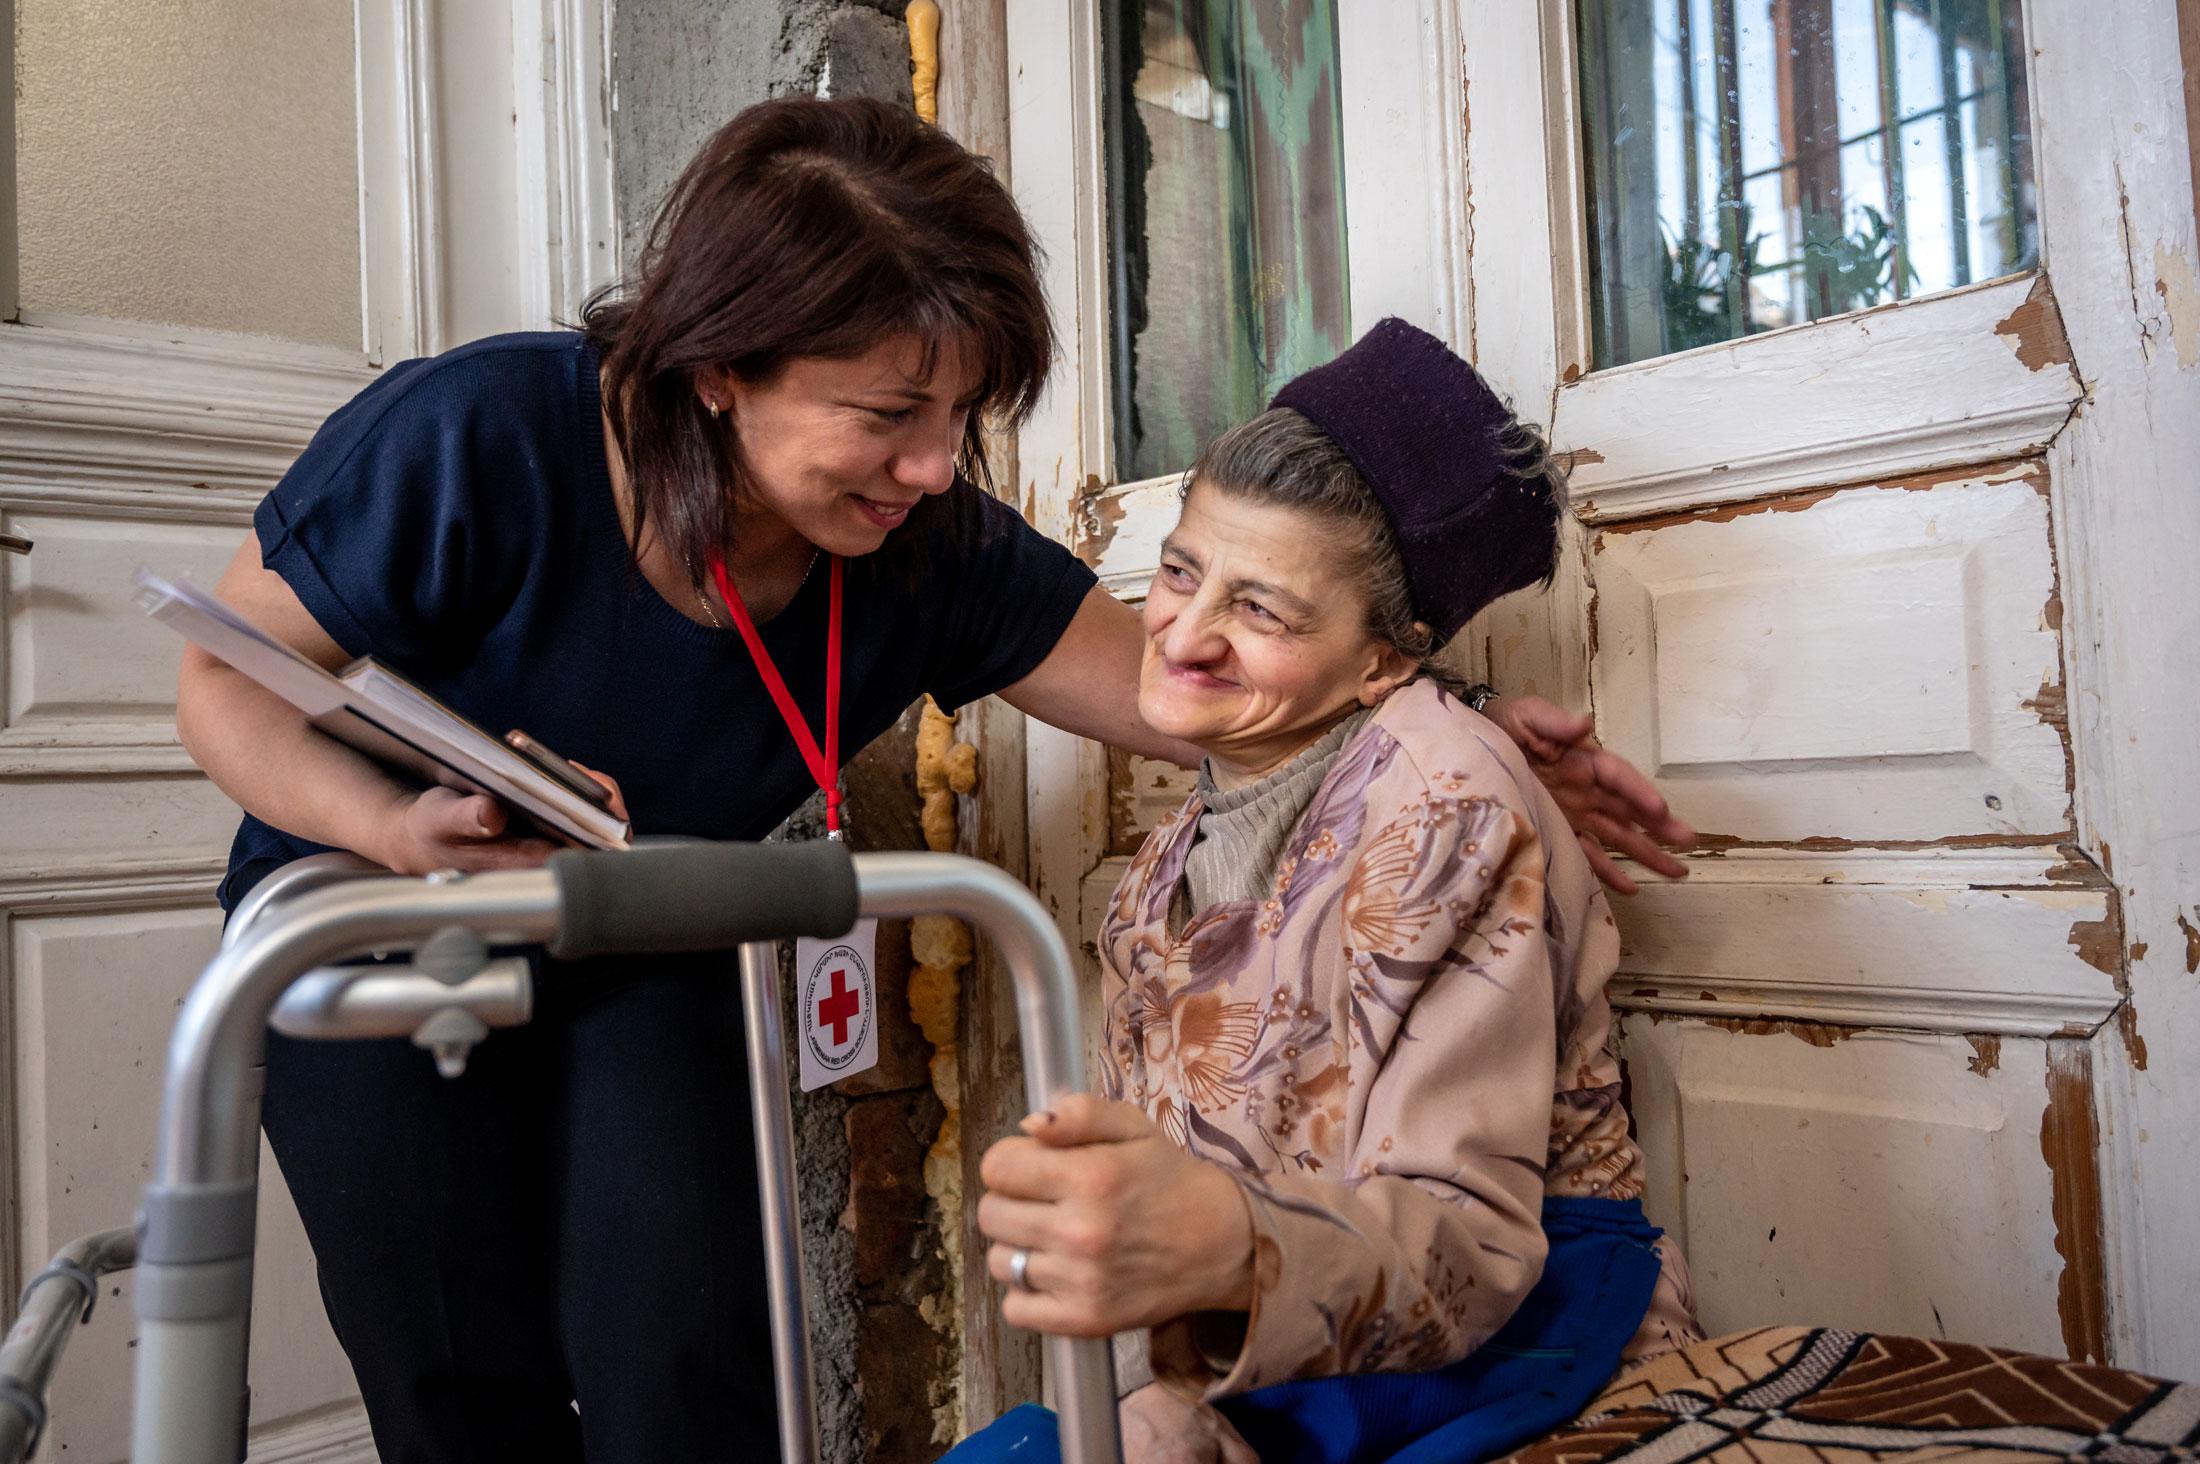 Handicapée, Karine Khachatzyan bénéficie de soins à domicile et d'une aide ménagère de la Croix-Rouge. © Remo Nägeli